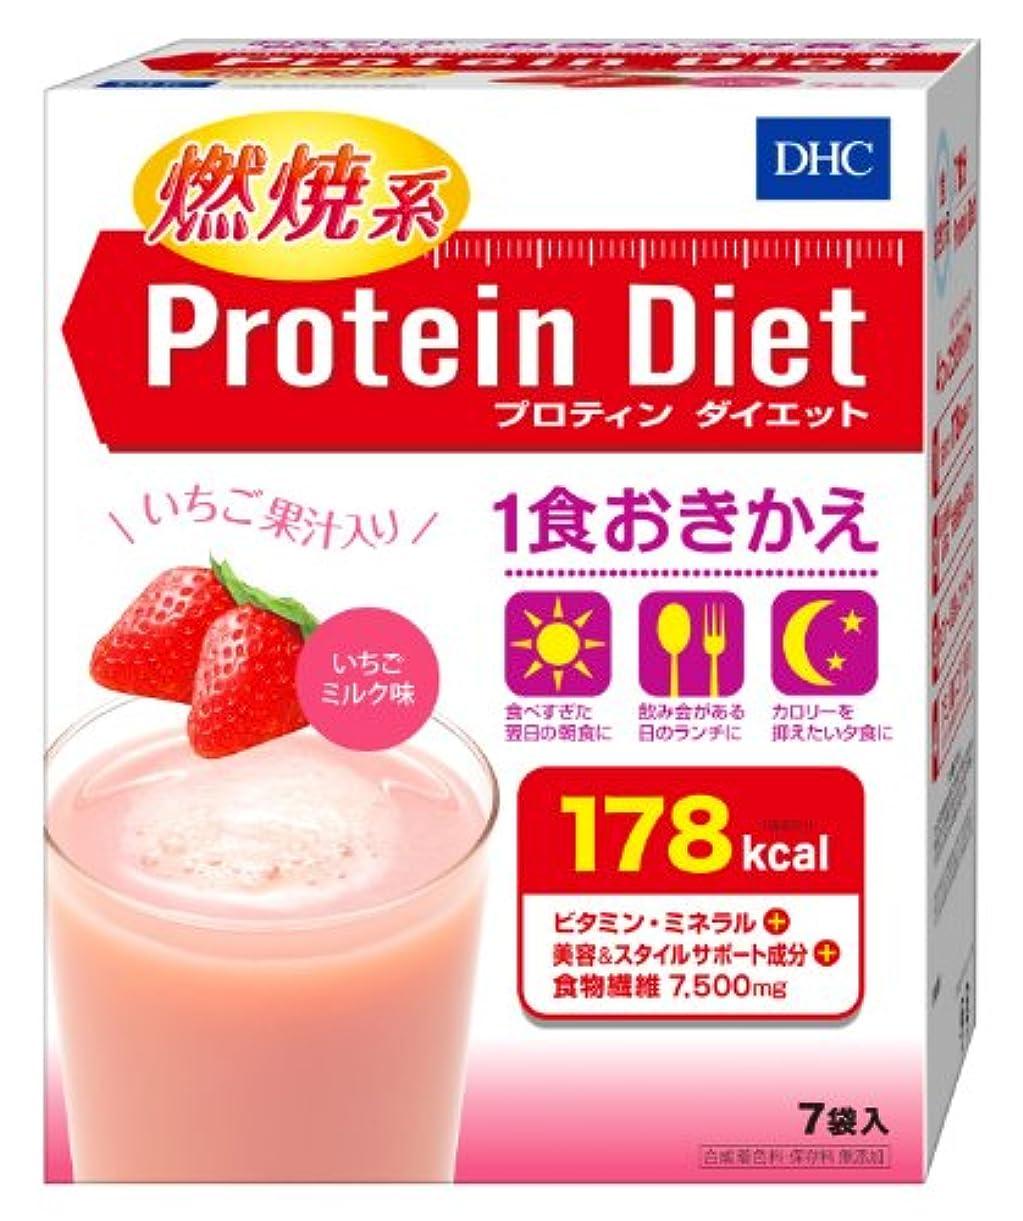 うま有限節約するDHC プロティンダイエット いちごミルク味7袋入 50g×7袋入